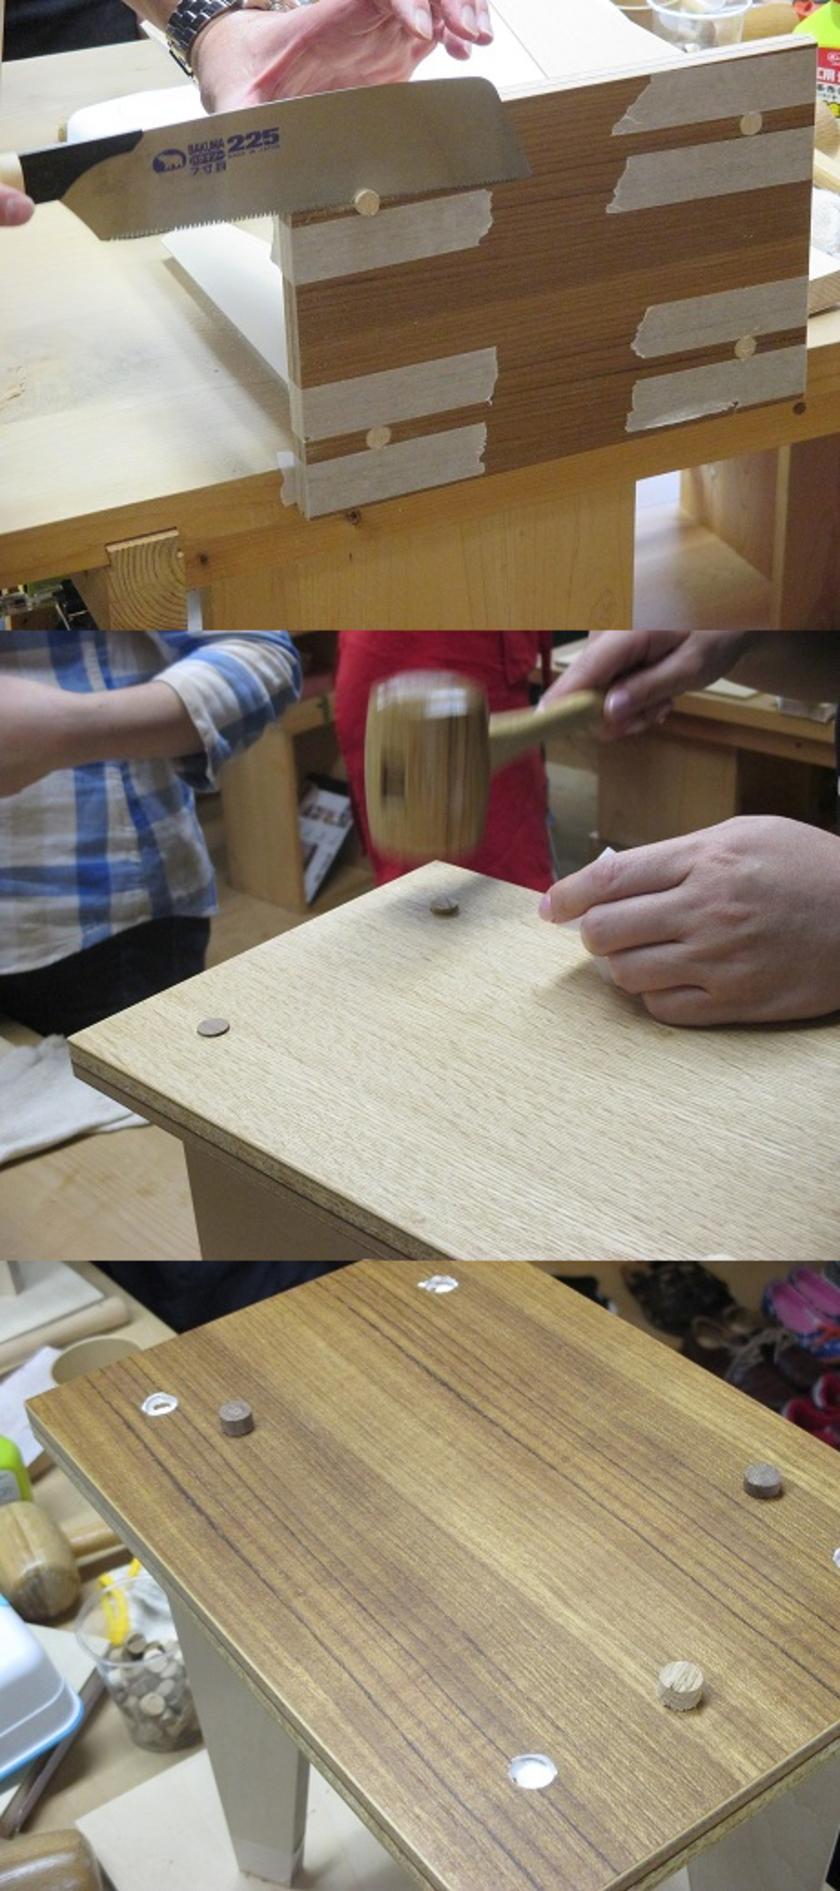 木栓は天板の色に合わせて2種類ご用意。木栓を木槌で叩きながら埋め込みます。はみ出し部分はノコギリでカットします。マスキングテープで養生したり紙をあてて、天板にキズがつくのを防ぎます。